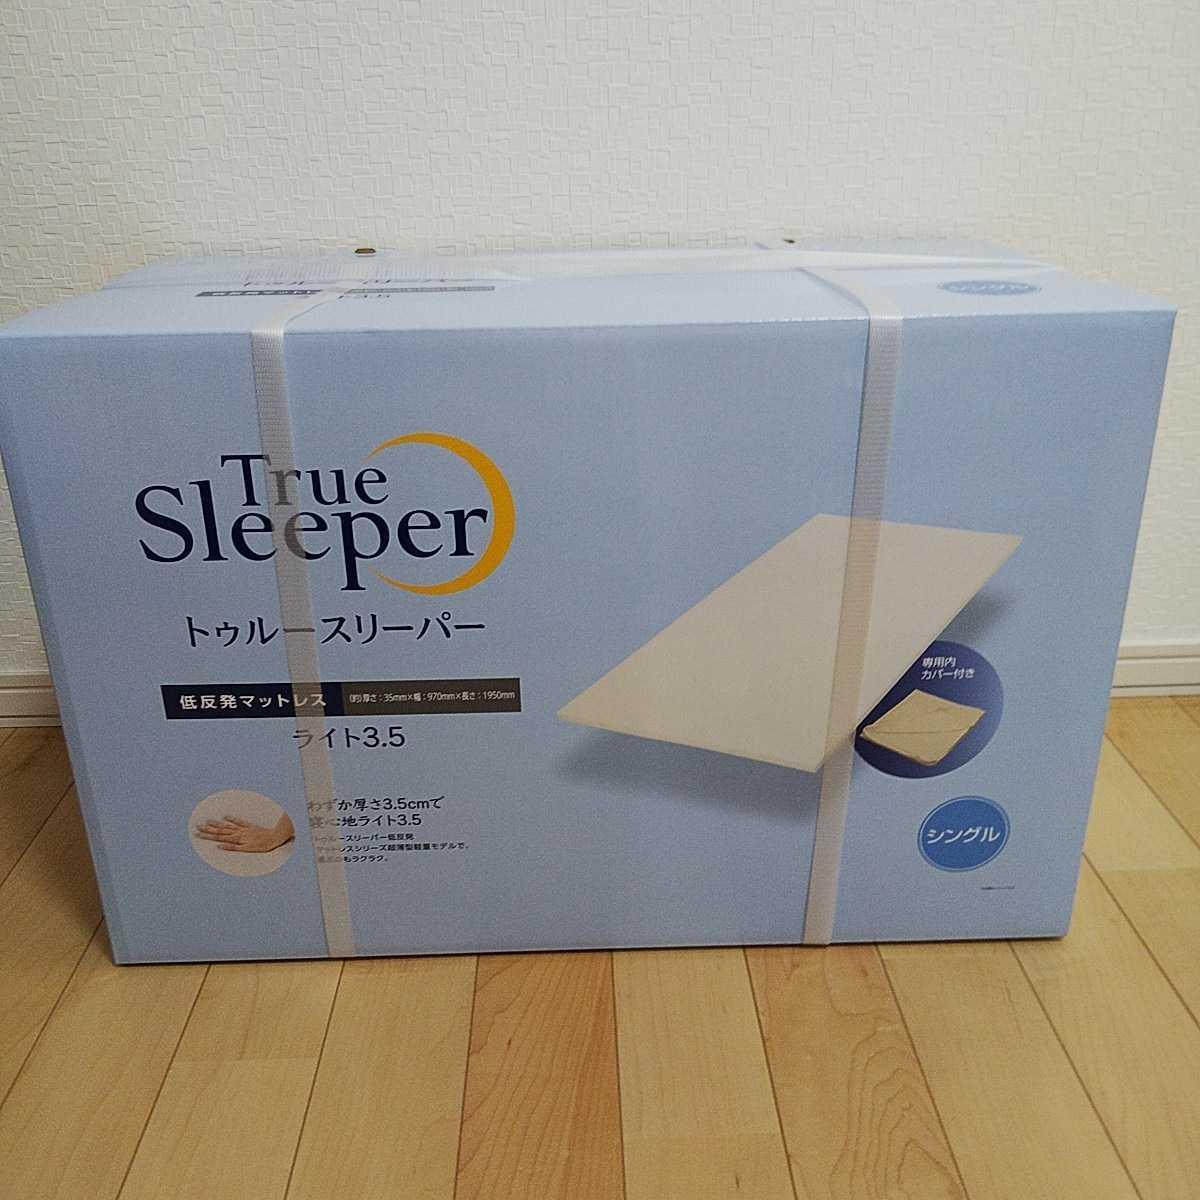 送料無料 ショップジャパン トゥルースリーパー ライト 3.5 低反発 マットレス シングル ホワイト 睡眠サポート 厚さ3.5cm 日本製